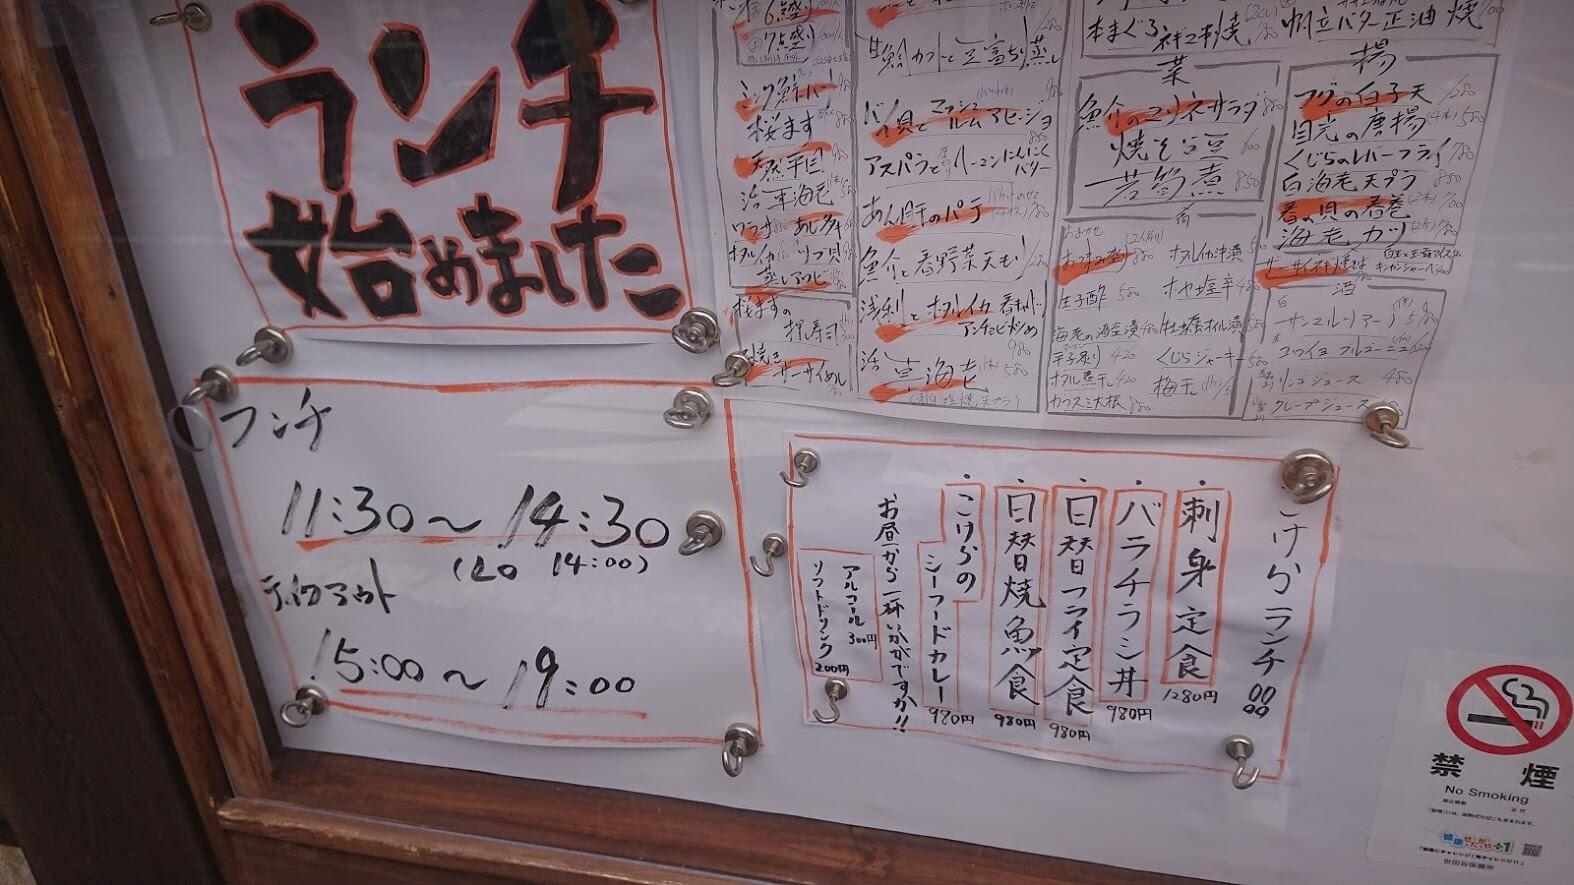 こけら 下北沢 テイクアウト写真